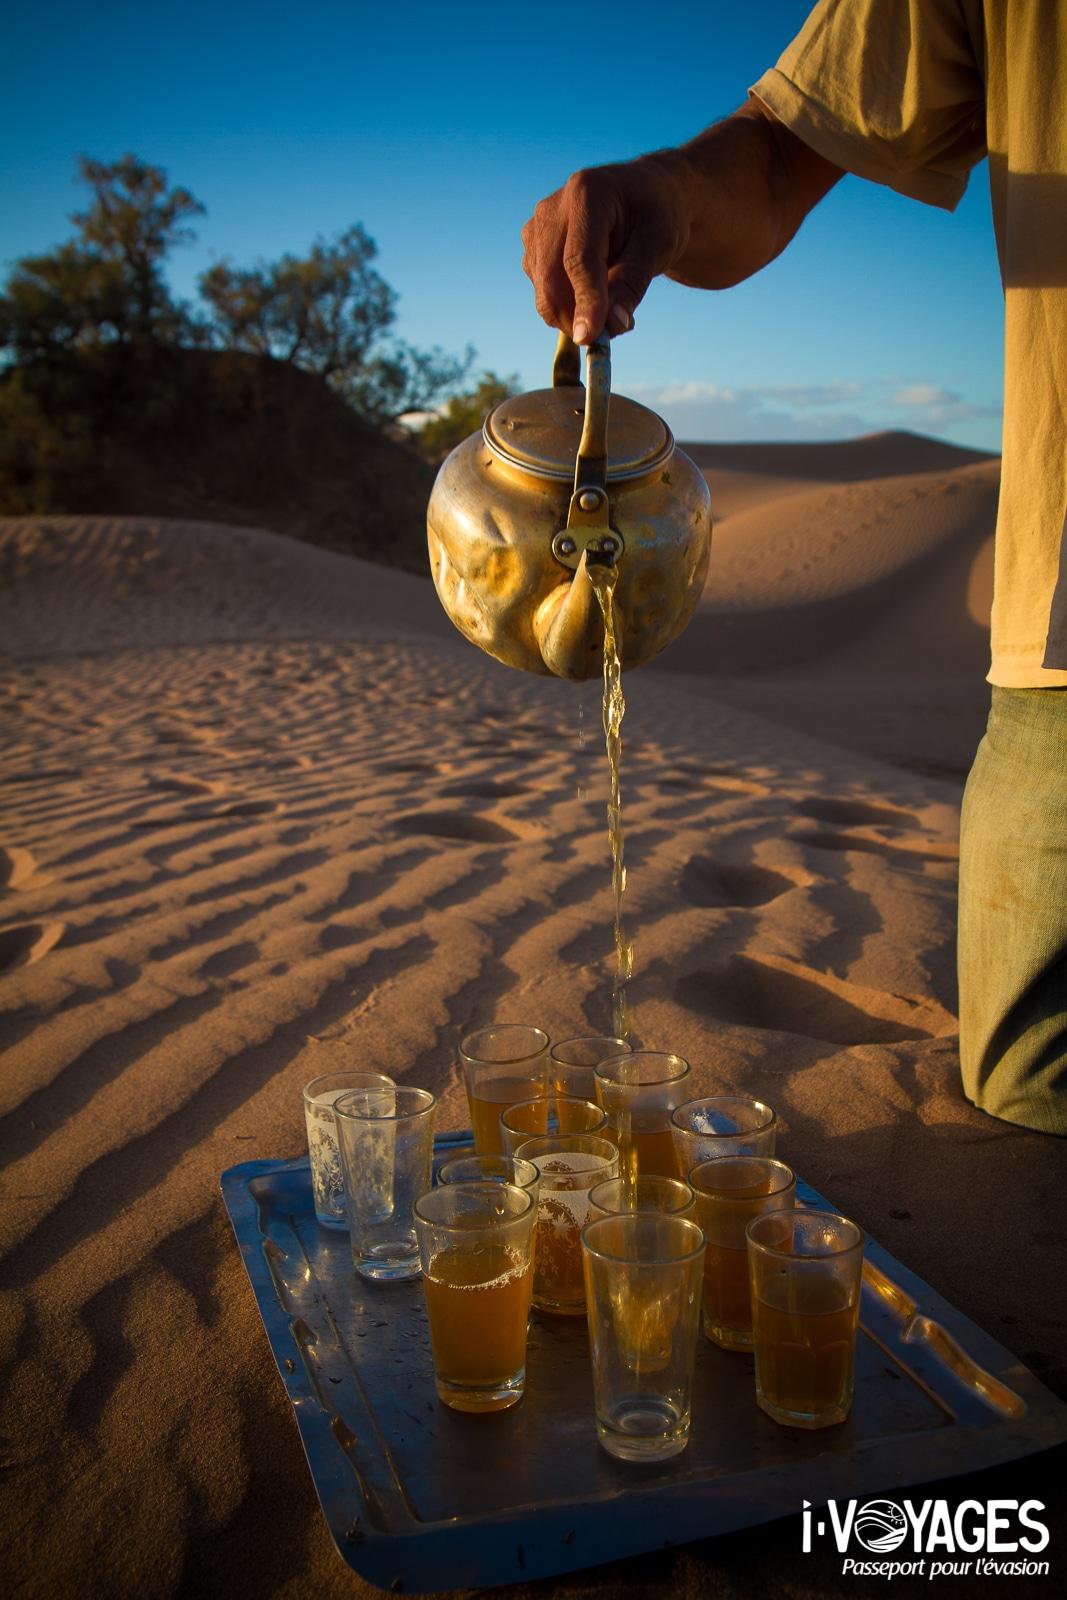 Boire du thé à la menthe, 5 expériences de food travel à vivre au Maroc